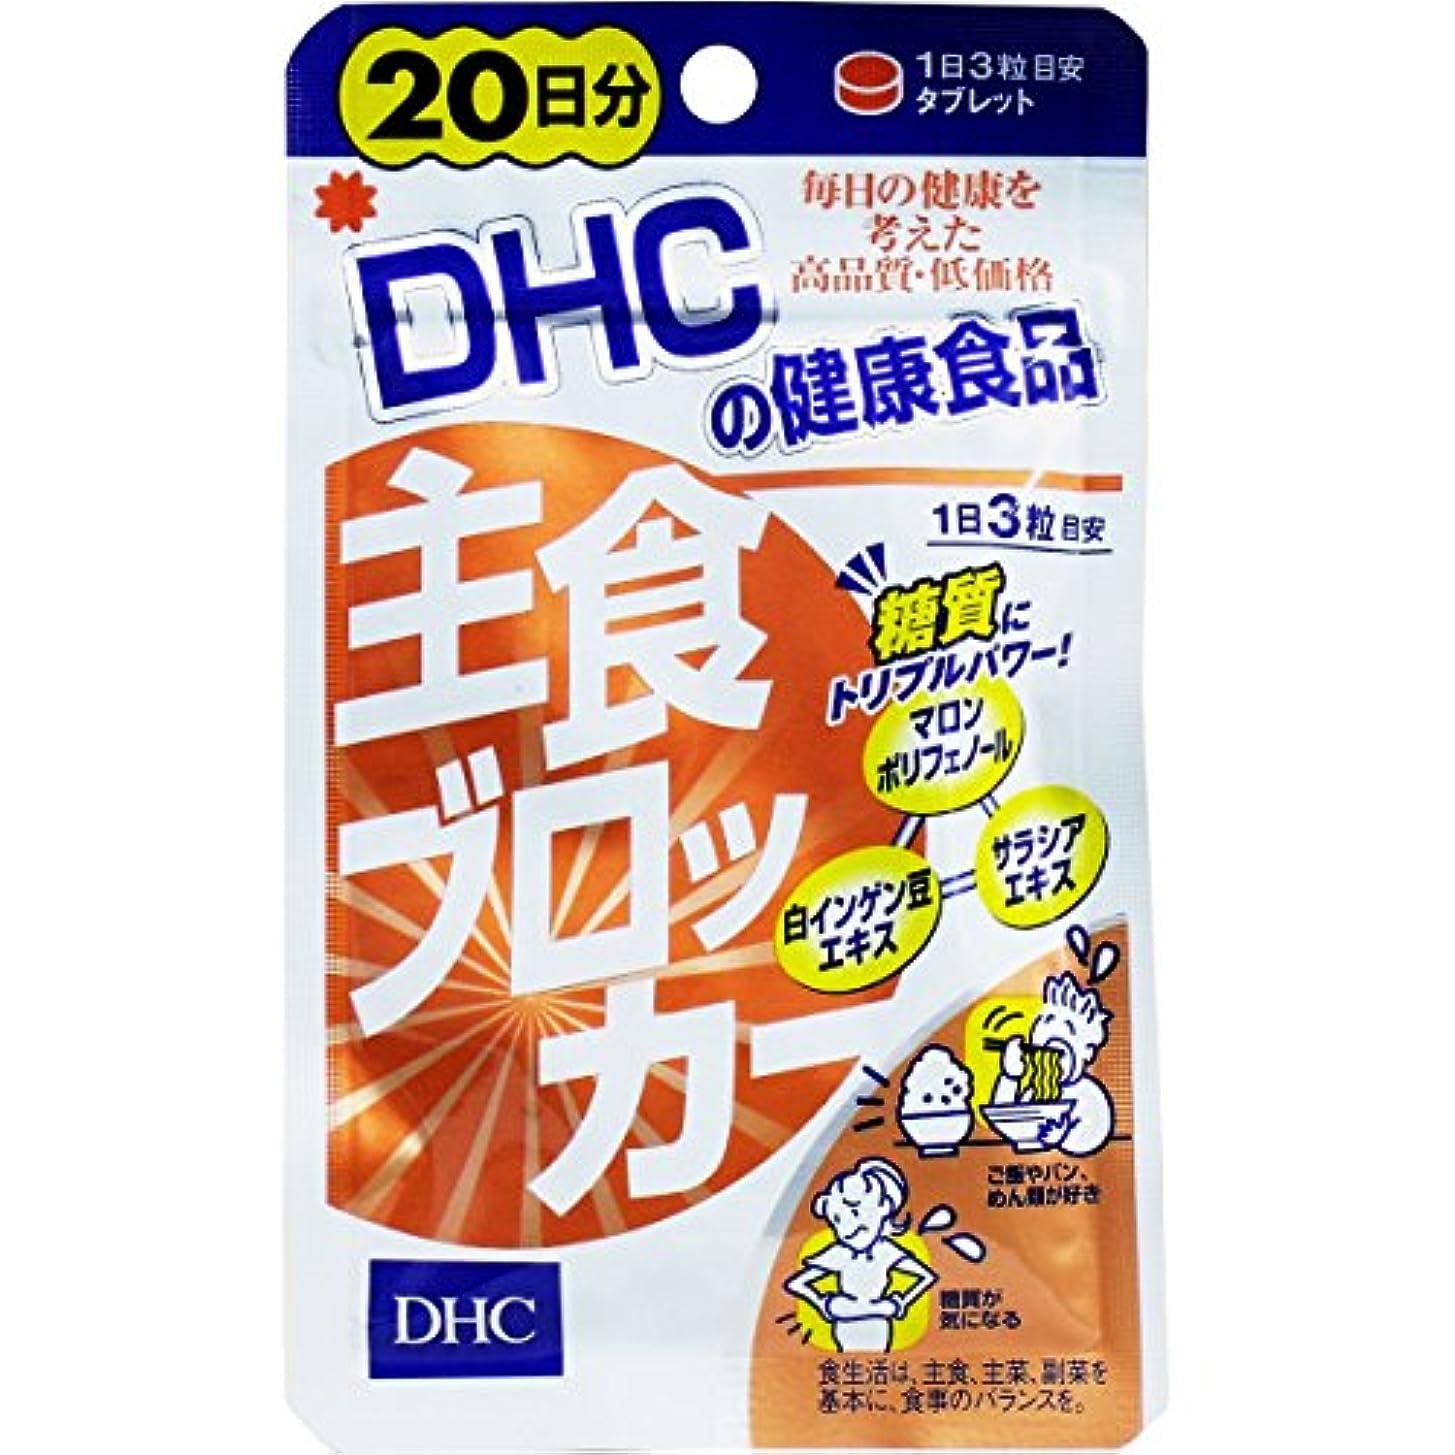 過度の信頼悪意のあるDHC 主食ブロッカー 20日分 60粒(12g) ×4個セット